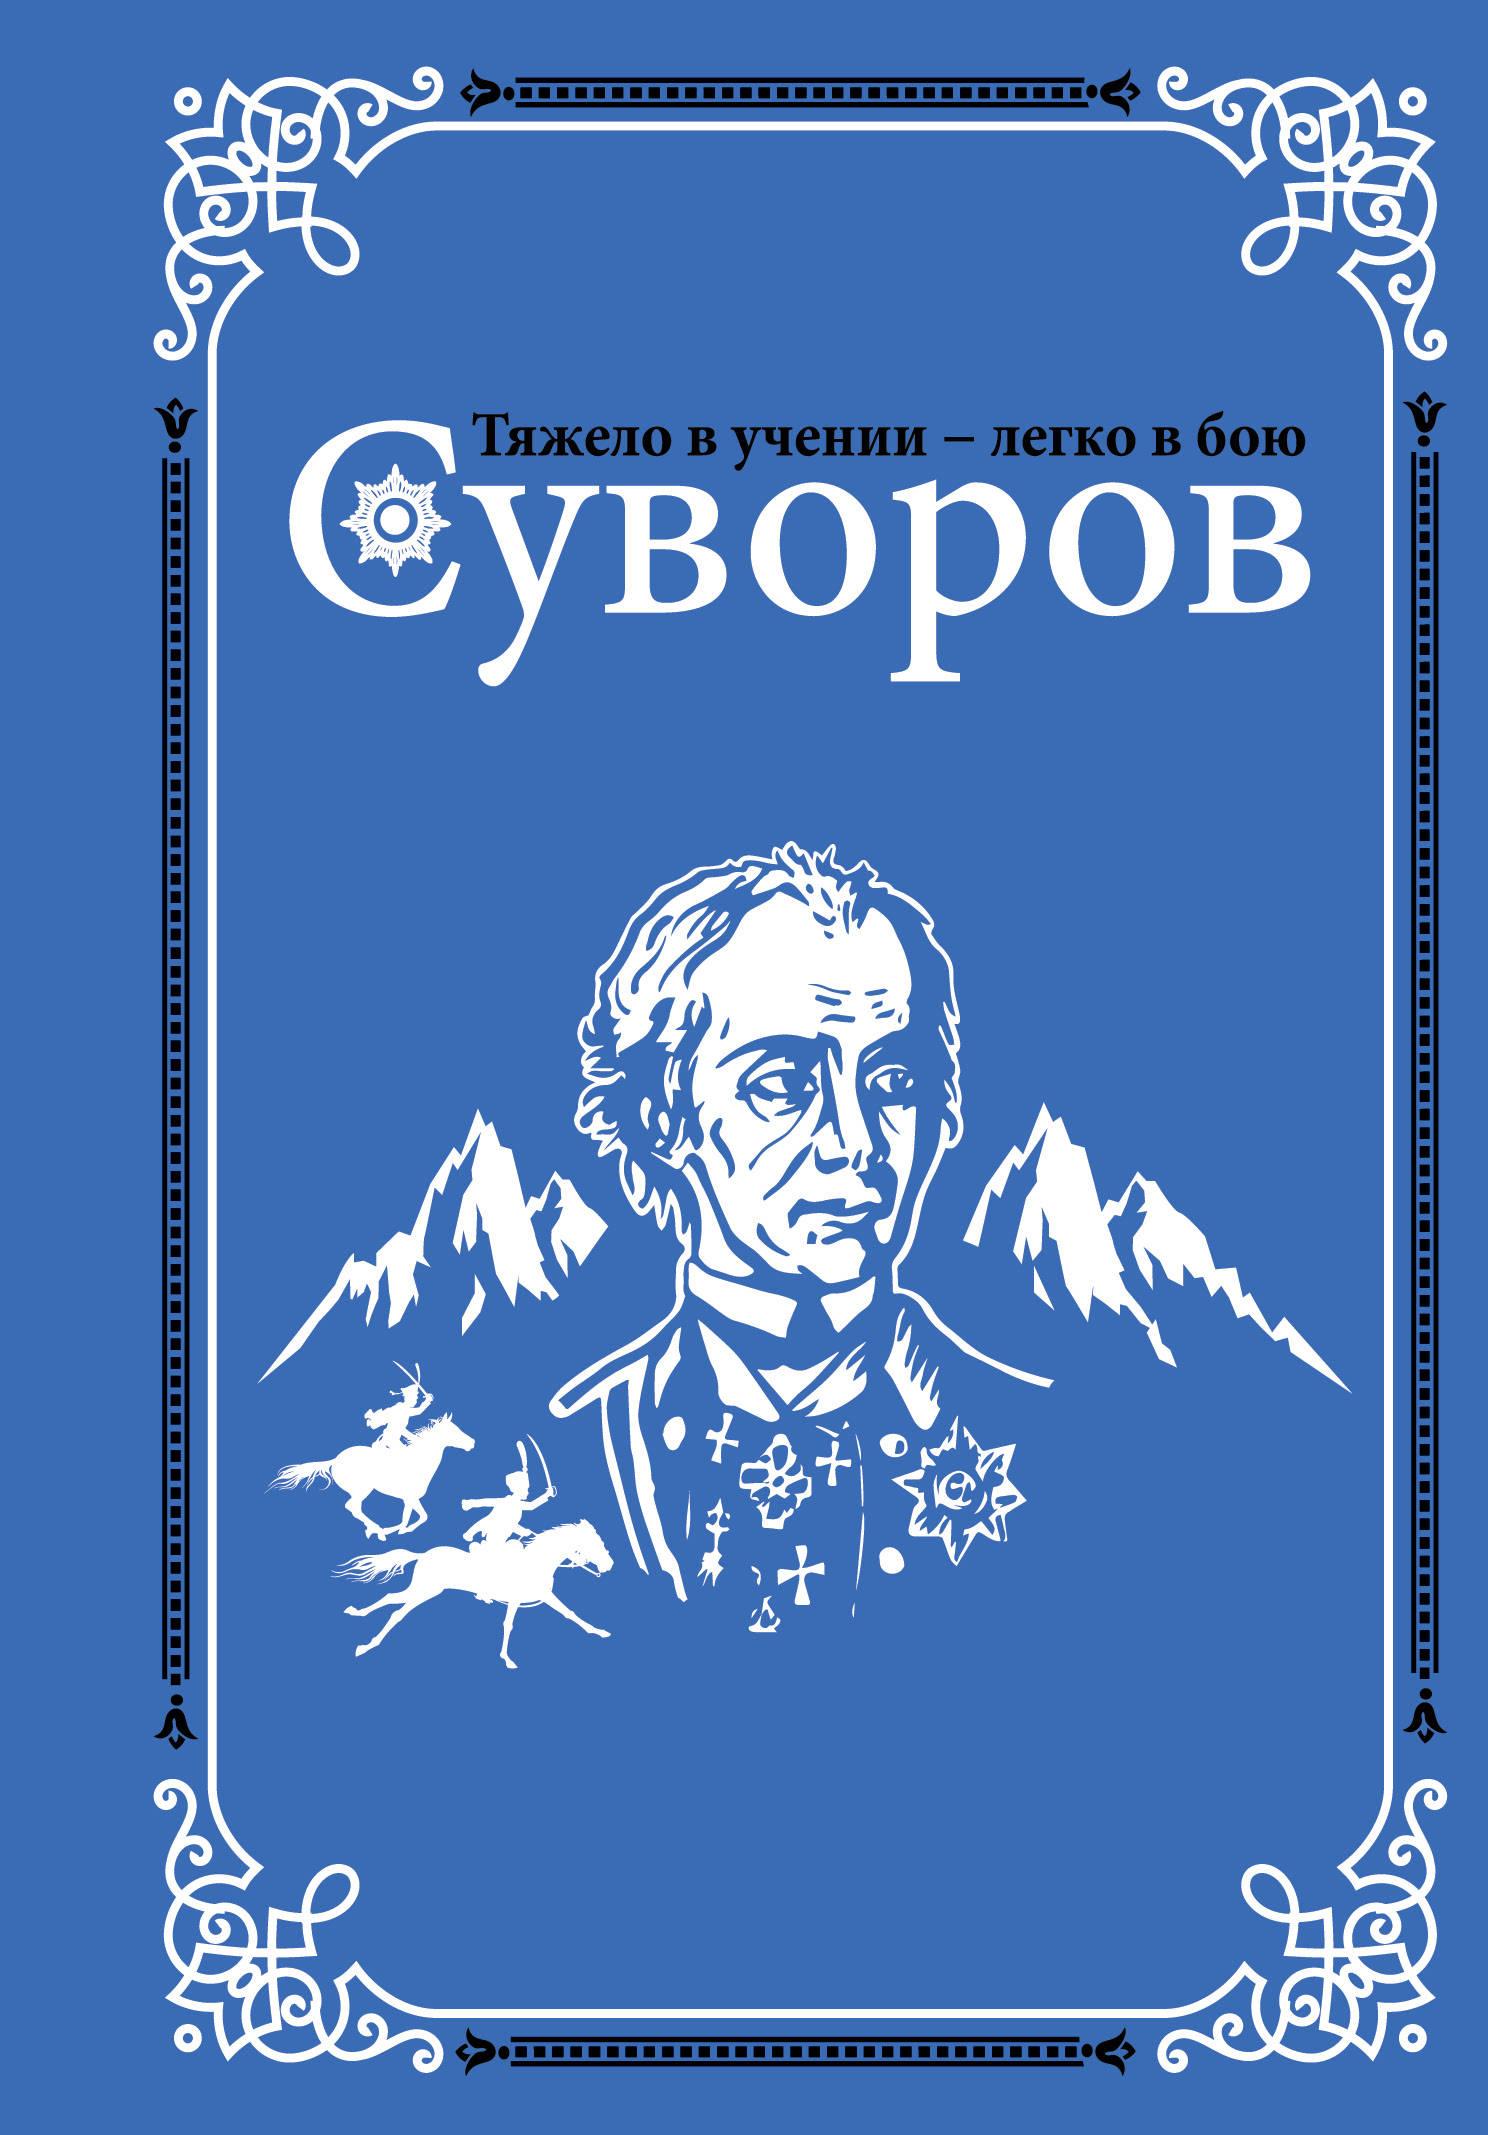 Михайлов О.Н. Суворов суворов в тень победы